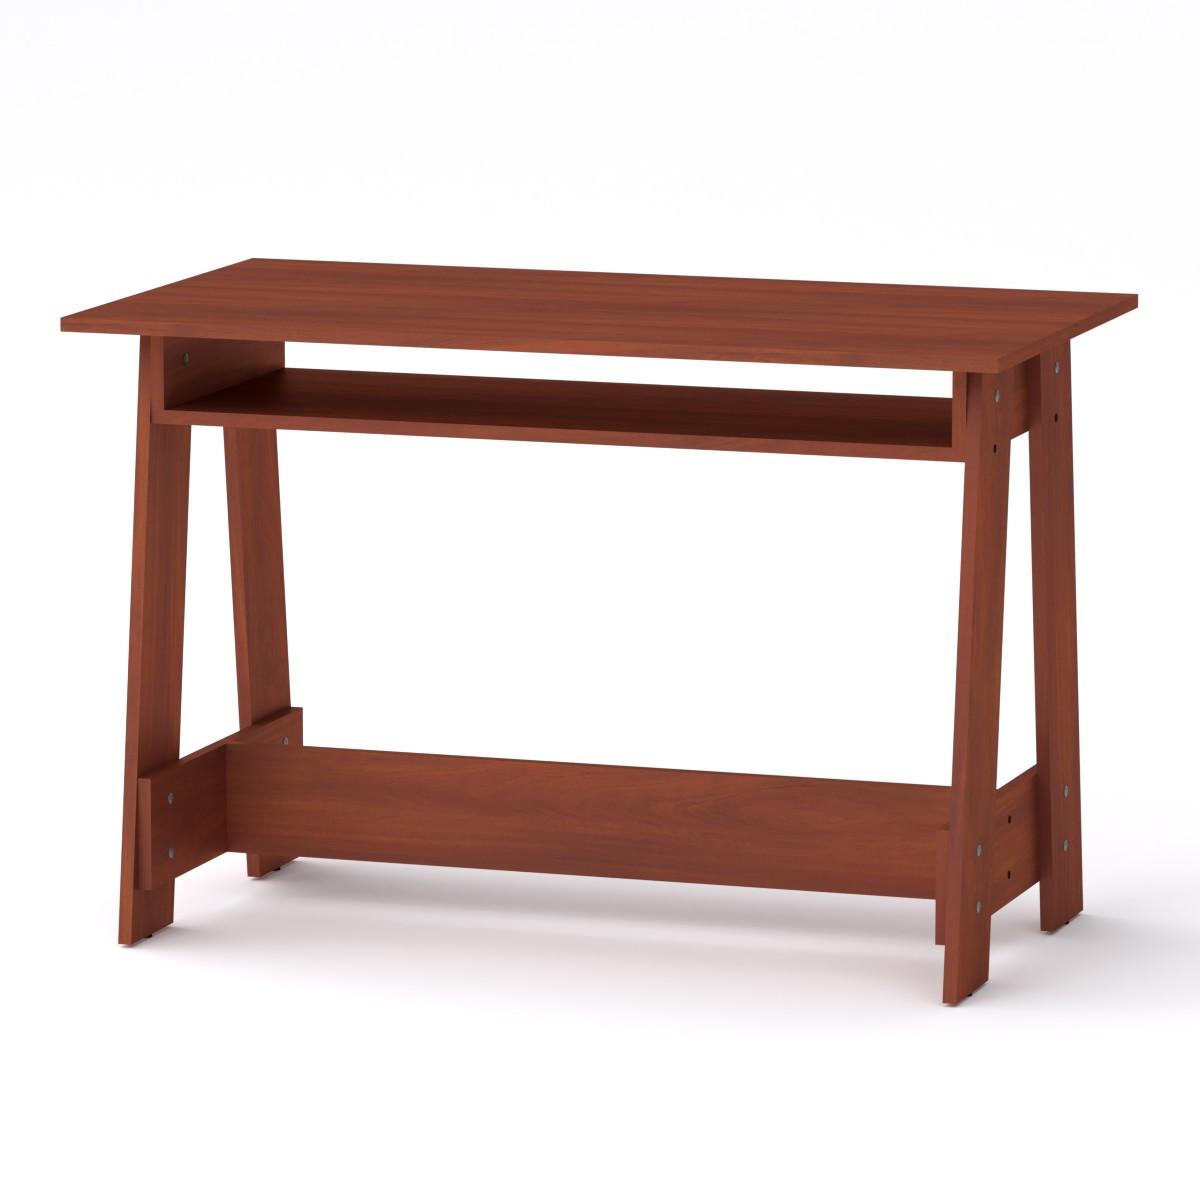 Кухонный стол КС - 12 с дополнительной полкой